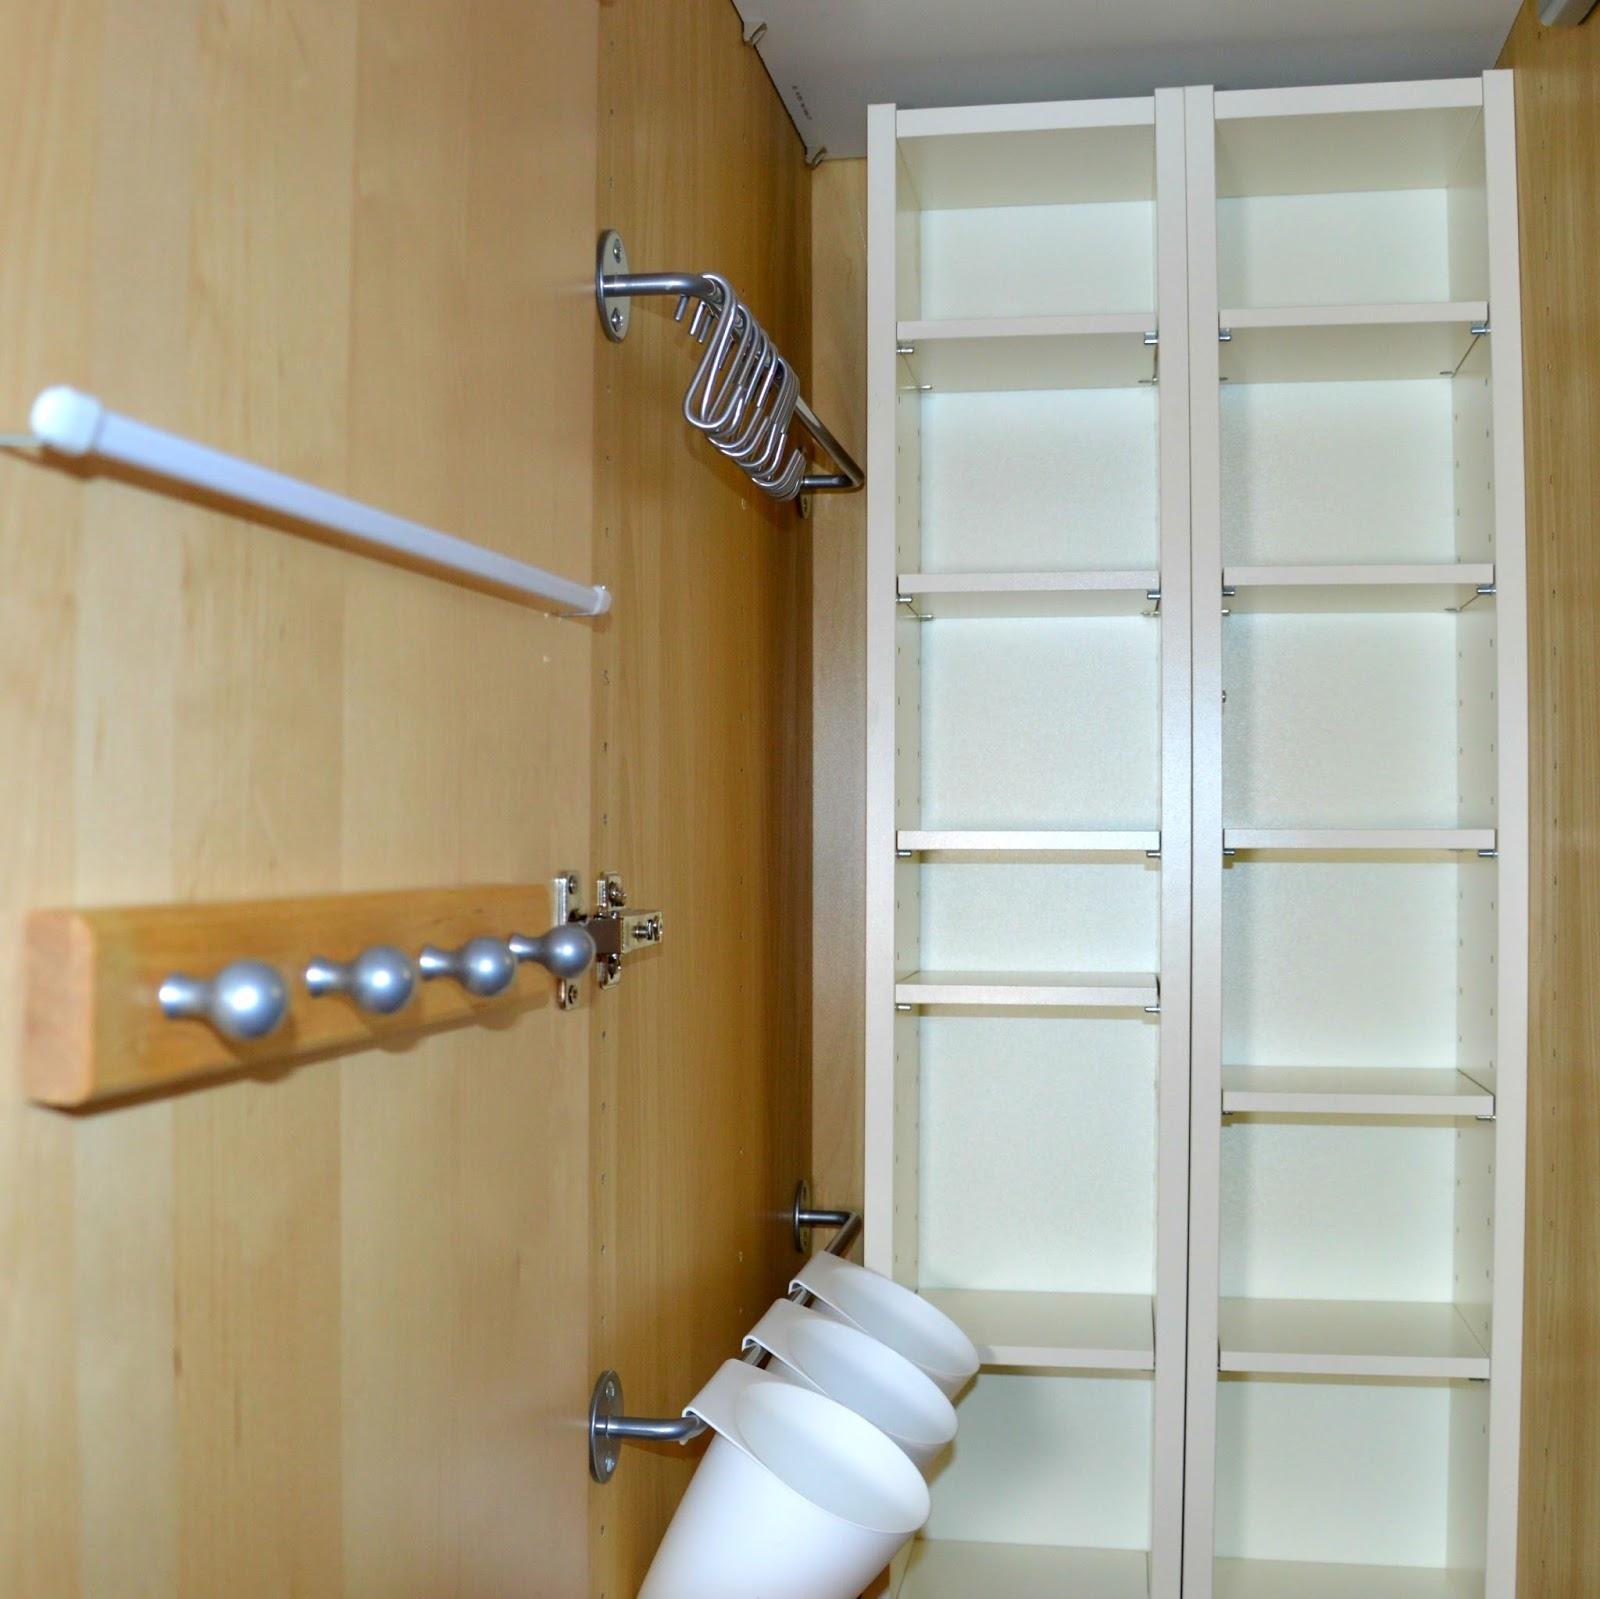 ines felix kreatives zum nachmachen ordnung im bastelzimmer. Black Bedroom Furniture Sets. Home Design Ideas